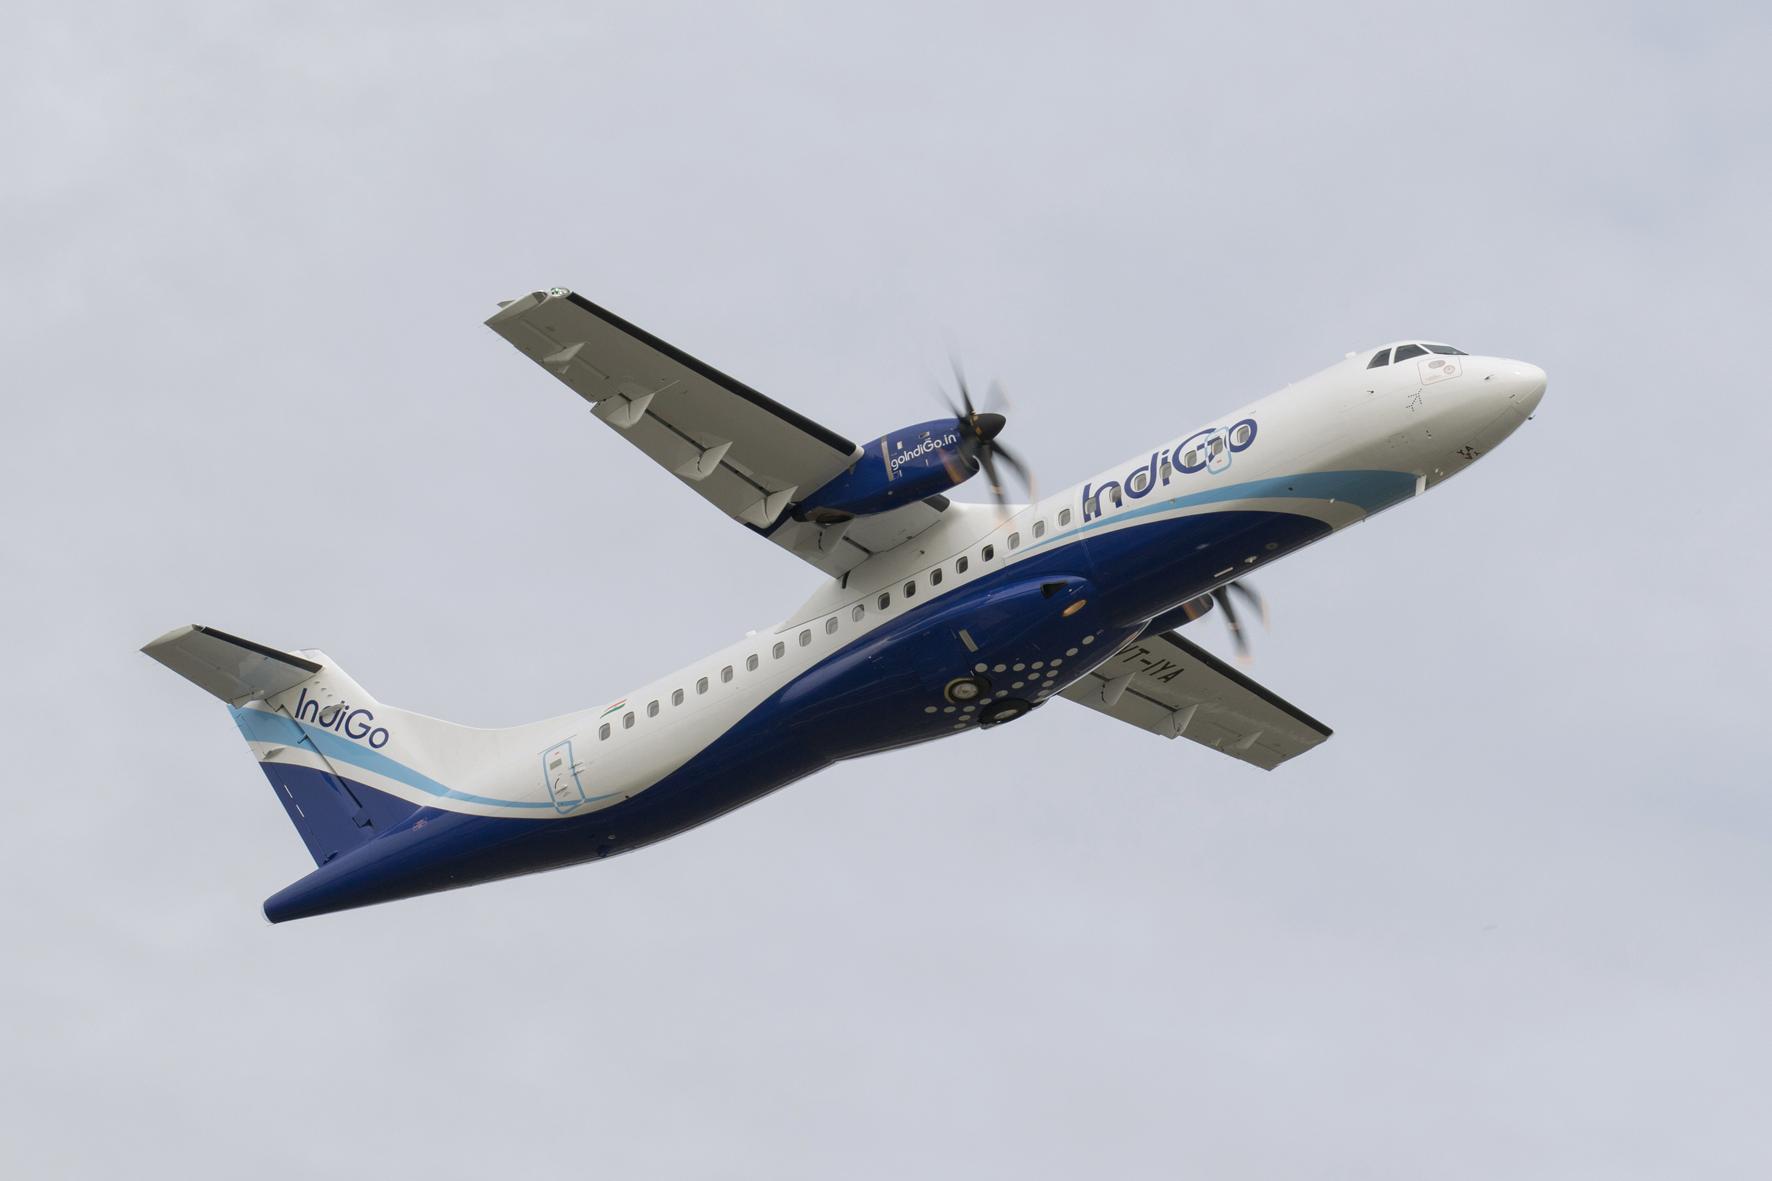 IndiGo ATR family Pilot Recruitment Exam Preparation